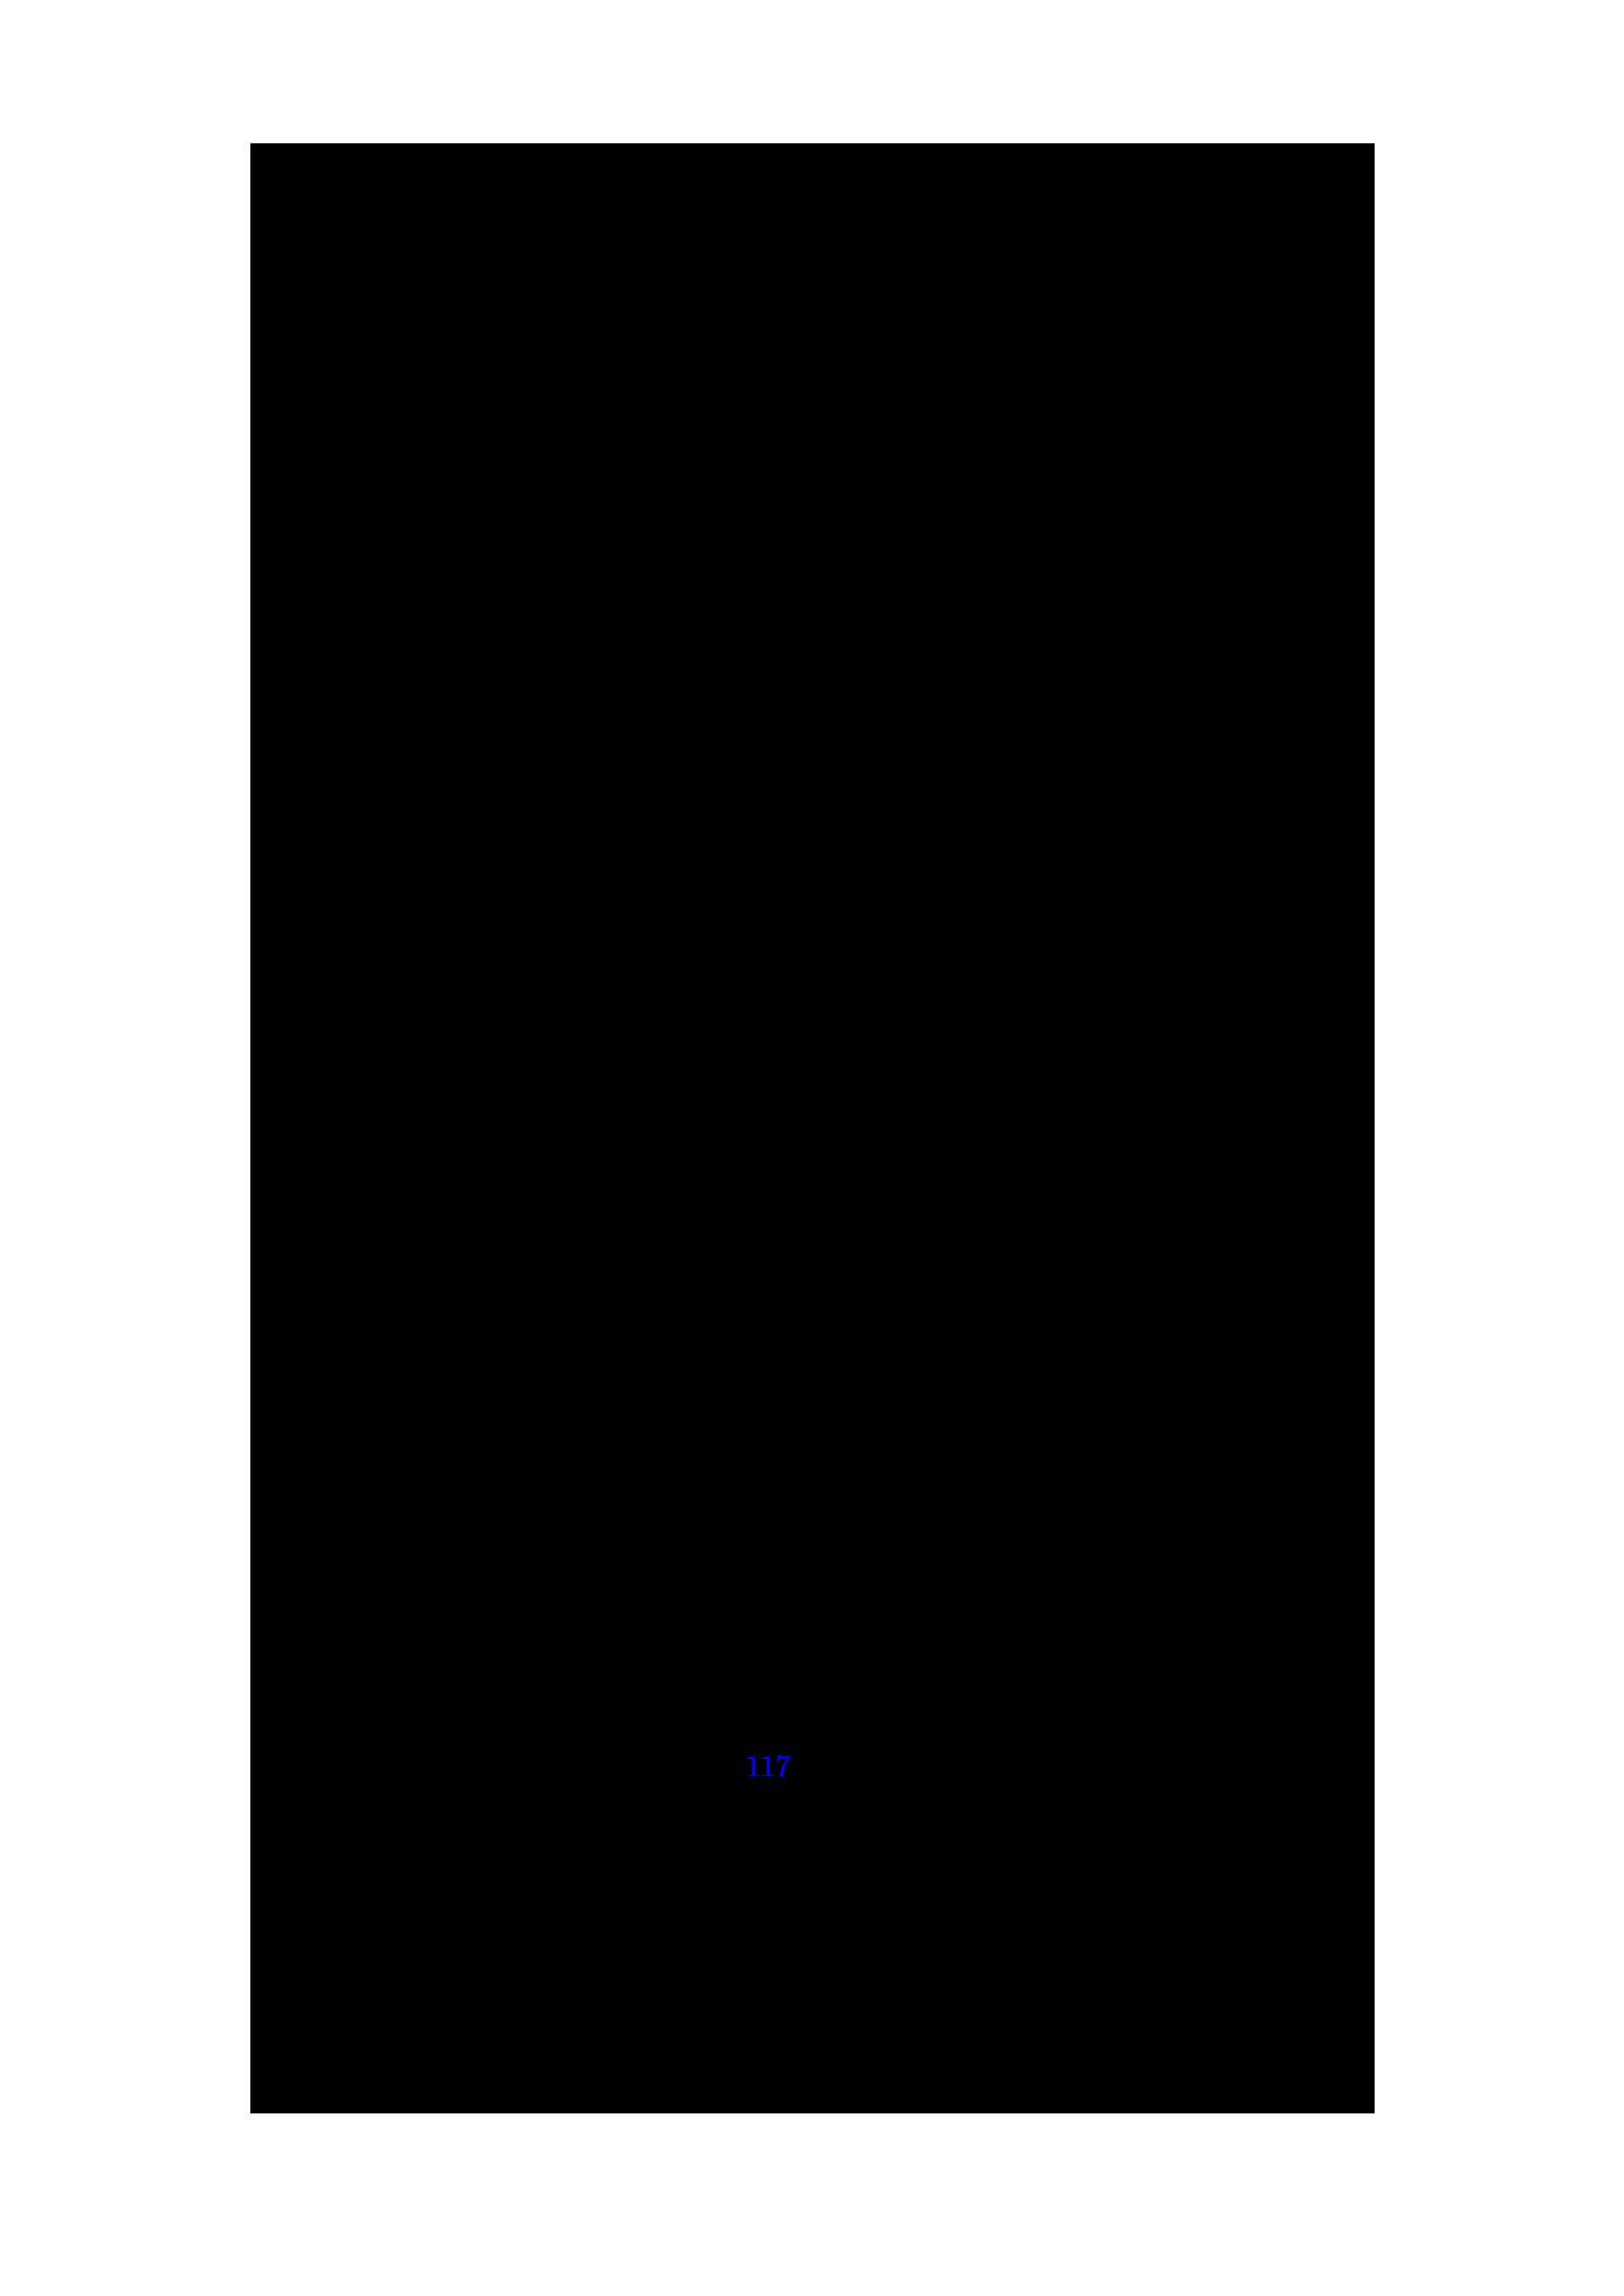 在 LaTeX 下如何排版公式 - 一份简短又非常实用的教程